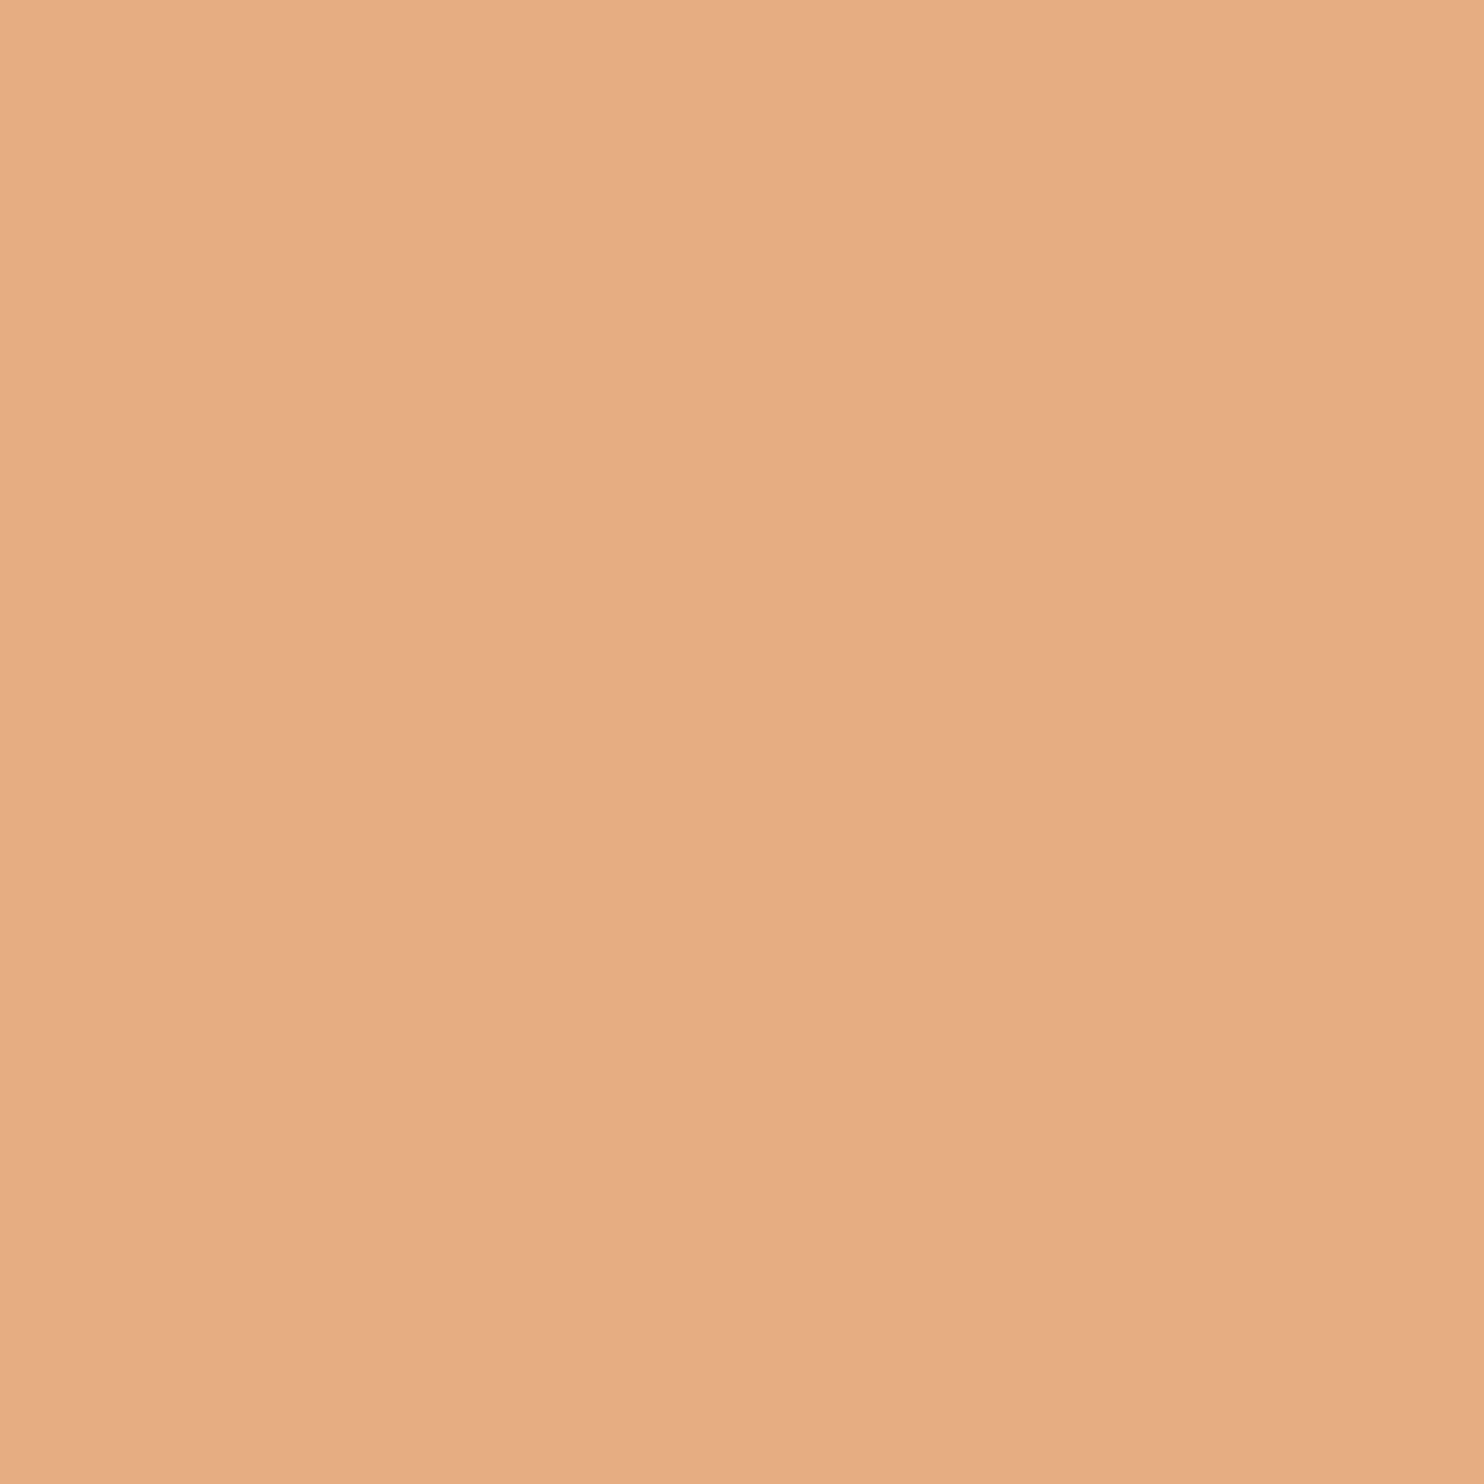 アヒルサーフィン憧れSANMIMORE(サンミモレ化粧品) UVパクト 51号アイボリー (レフィル 替パフ付)